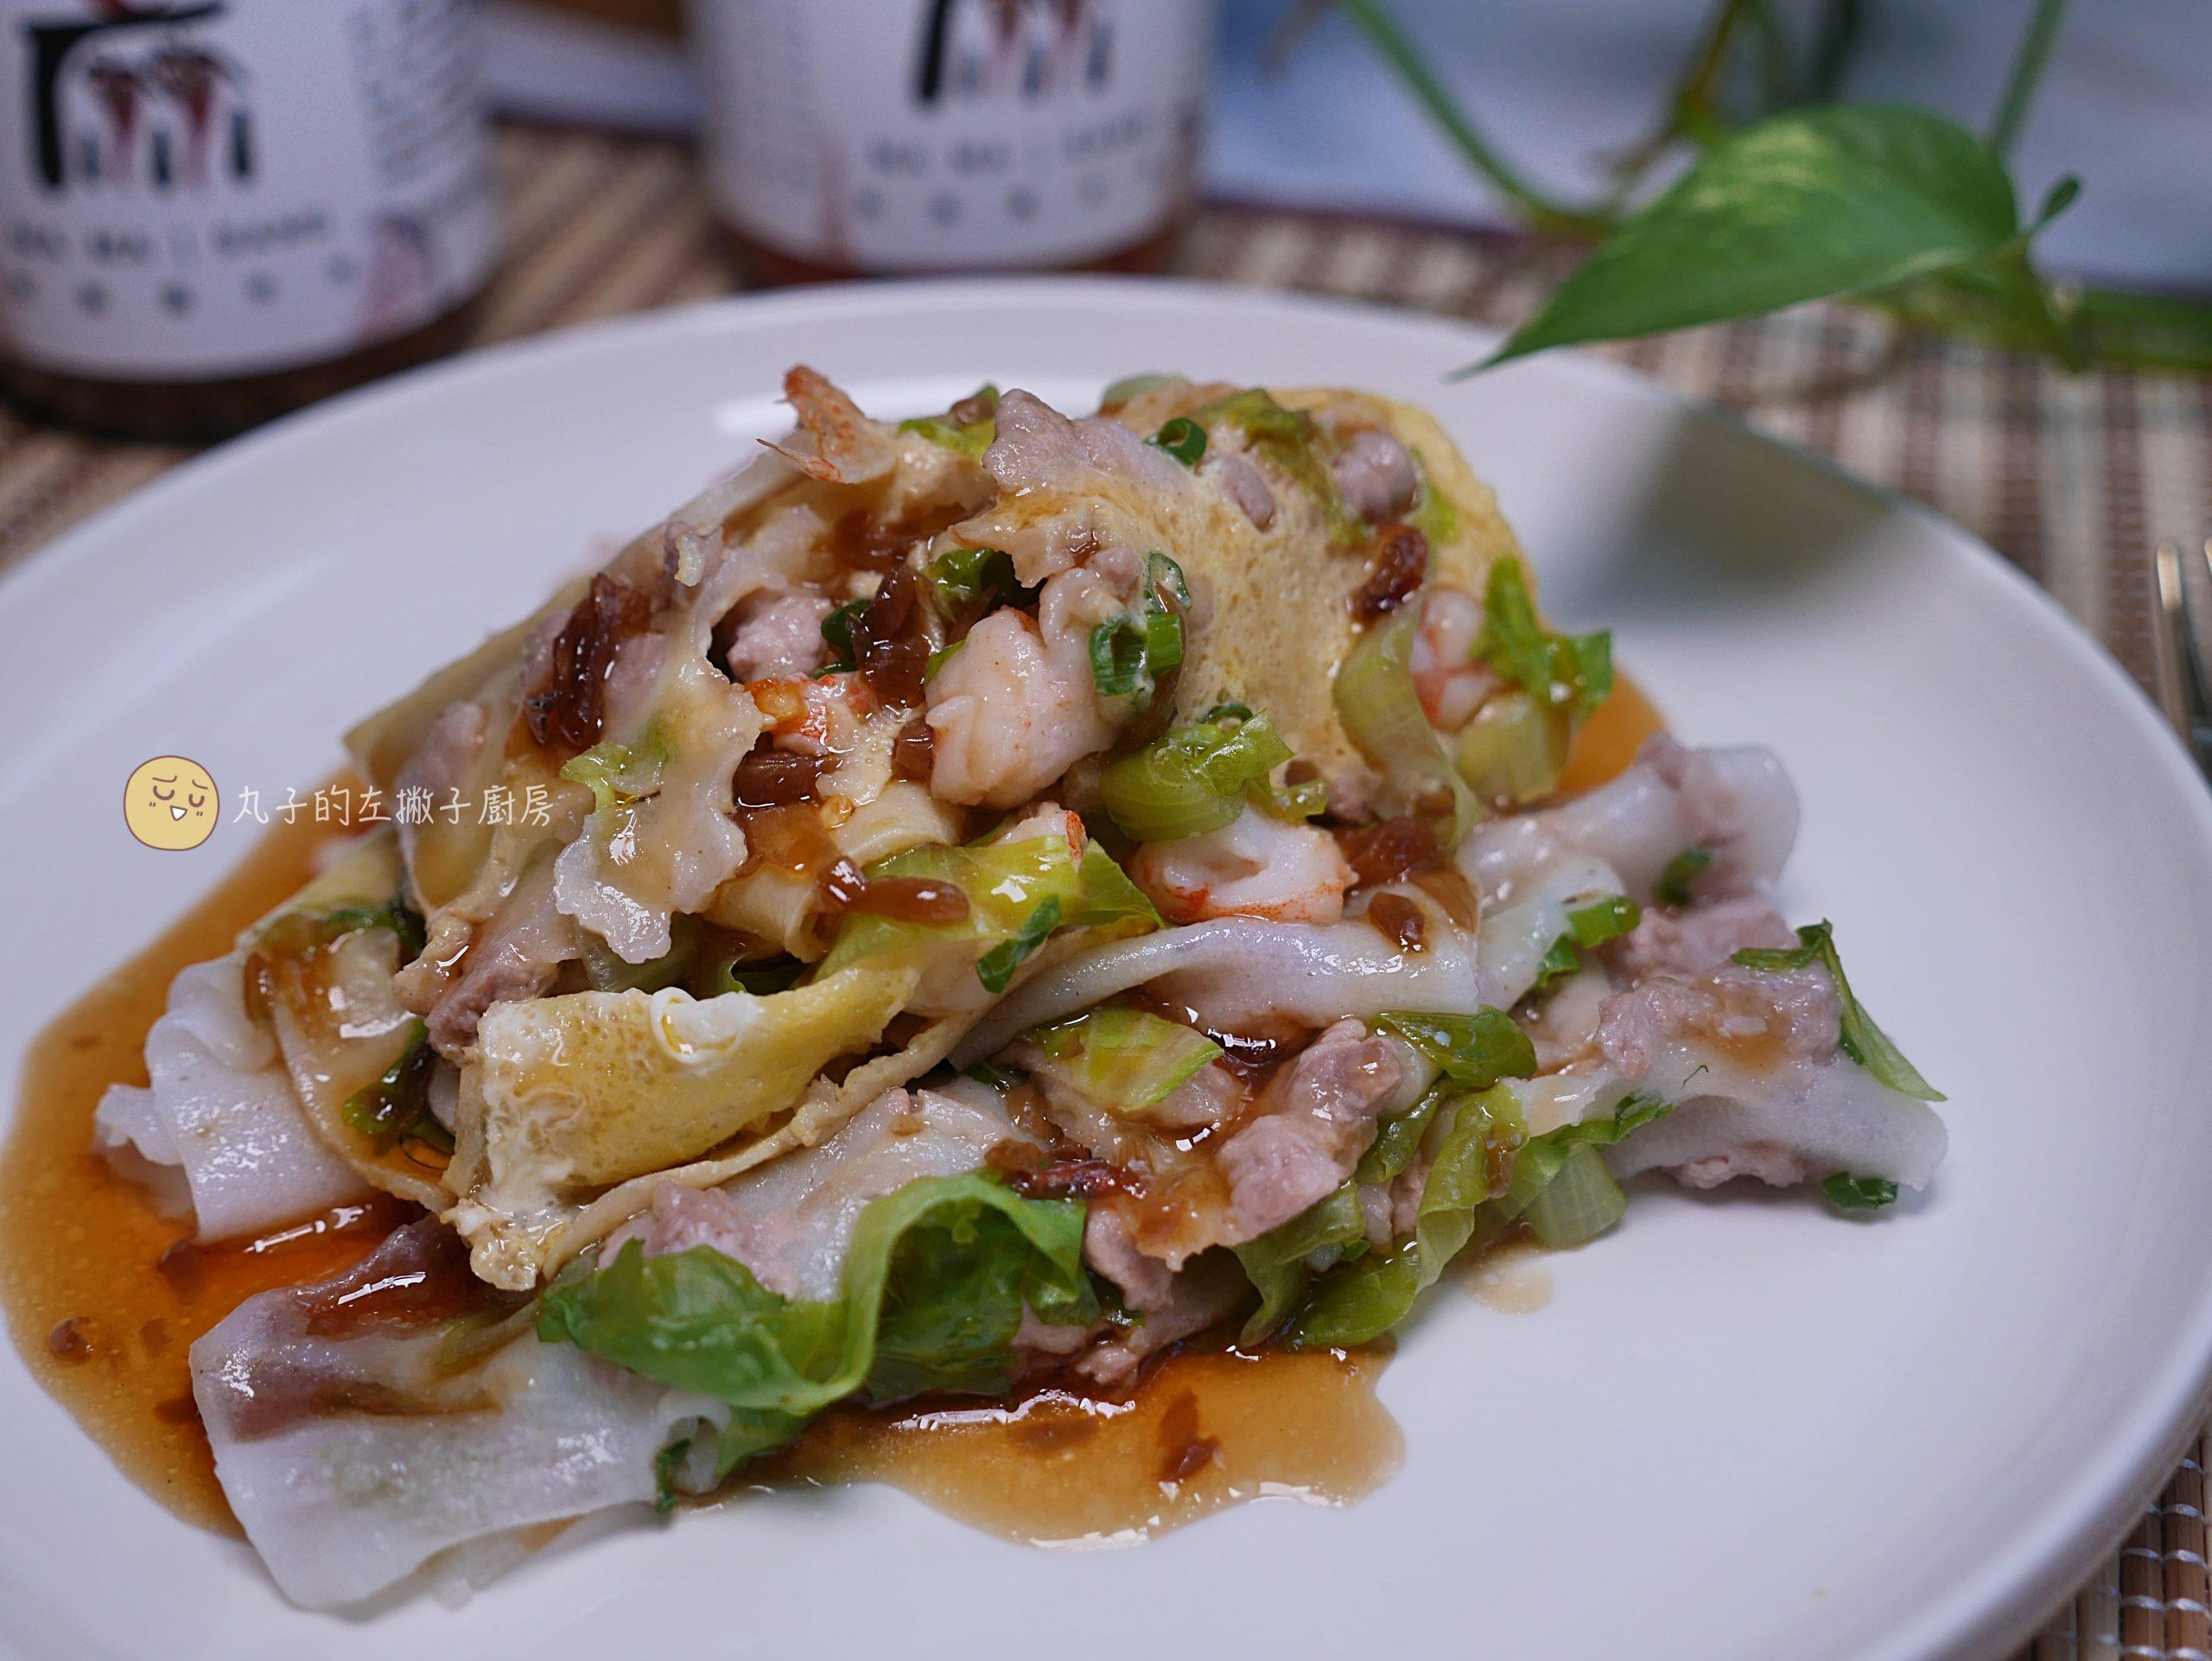 【食譜】廣式腸粉|自製香滑的廣式手拉腸粉加入配料更美味 @Maruko與美食有個約會